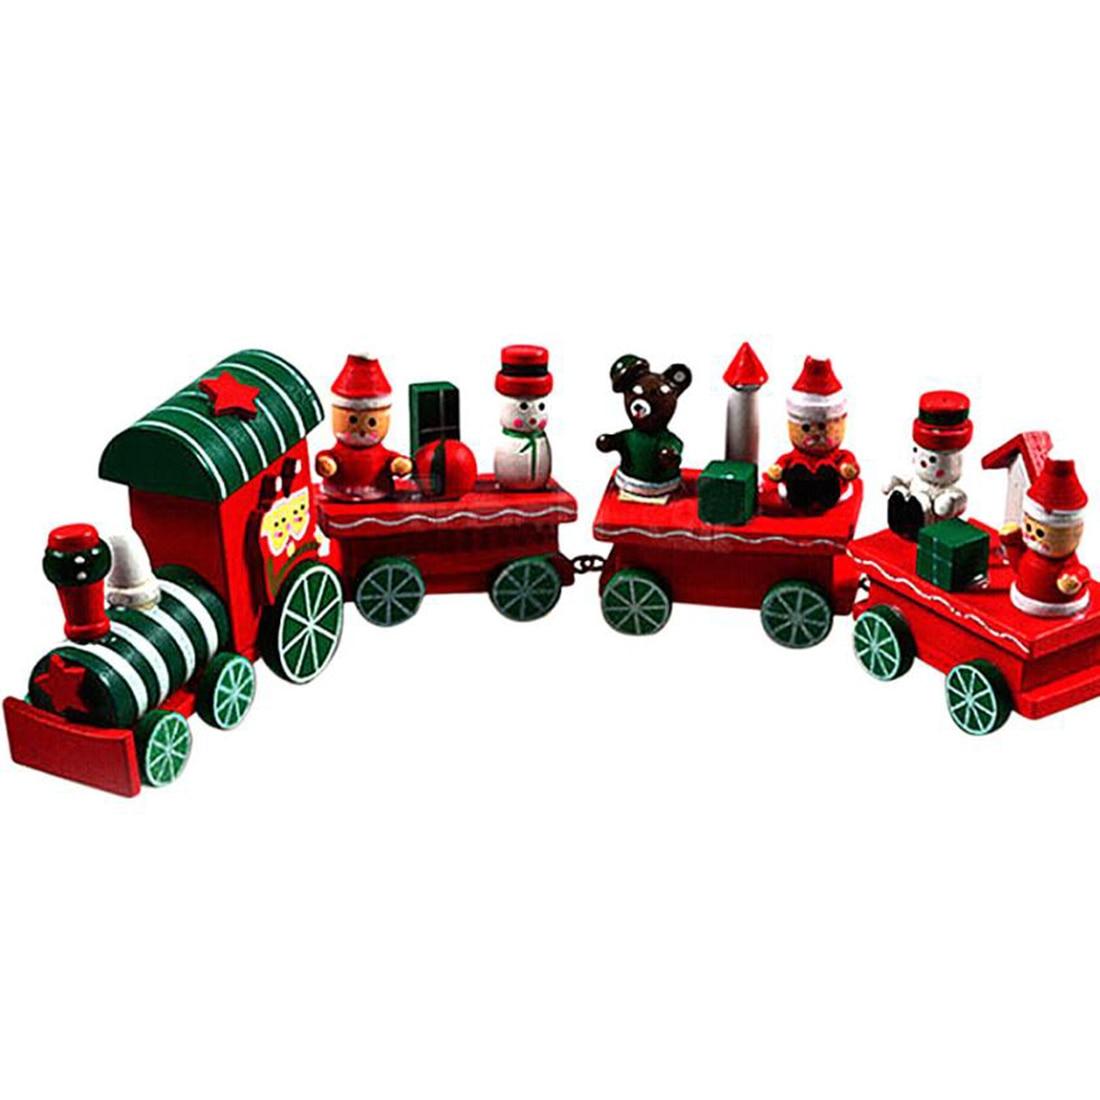 Nova Venda 1 Pc Pouco Decoração Trem Trem De Madeira Enfeites De Natal Decoração de Natal